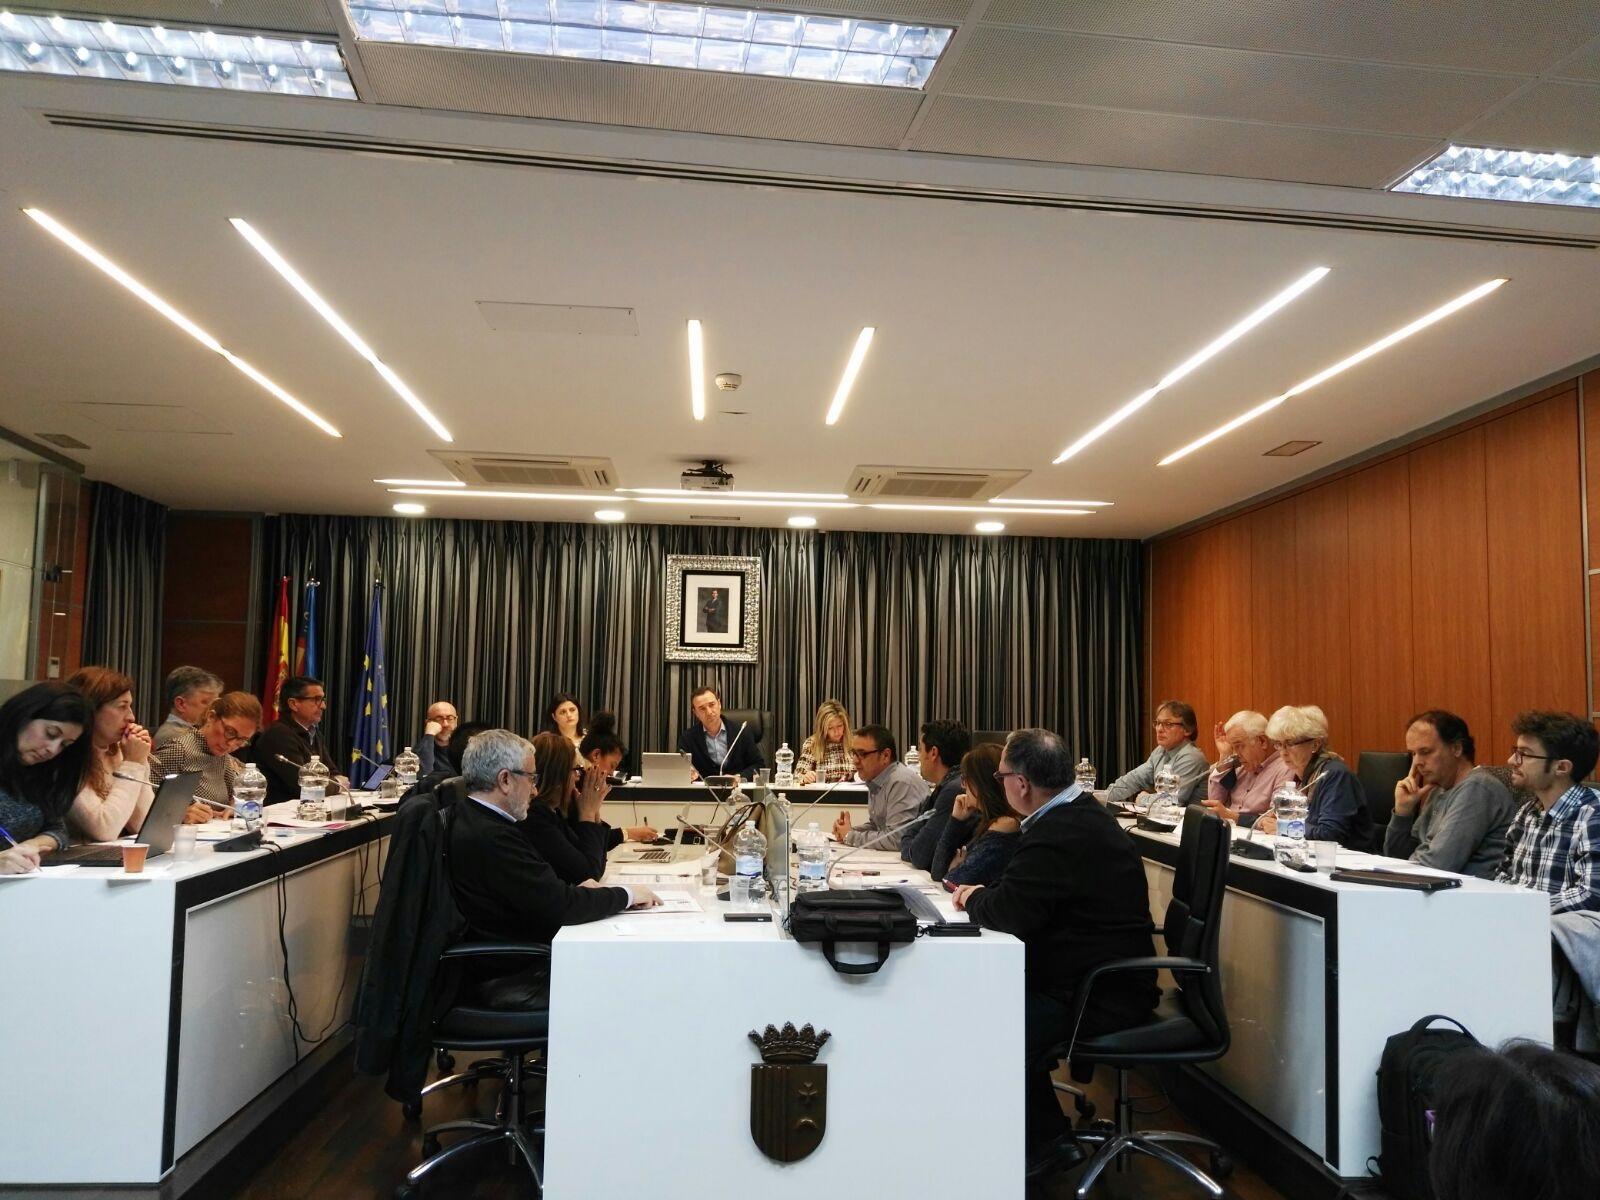 Una imagen de un pleno reciente del Ayuntamiento de Riba-roja.